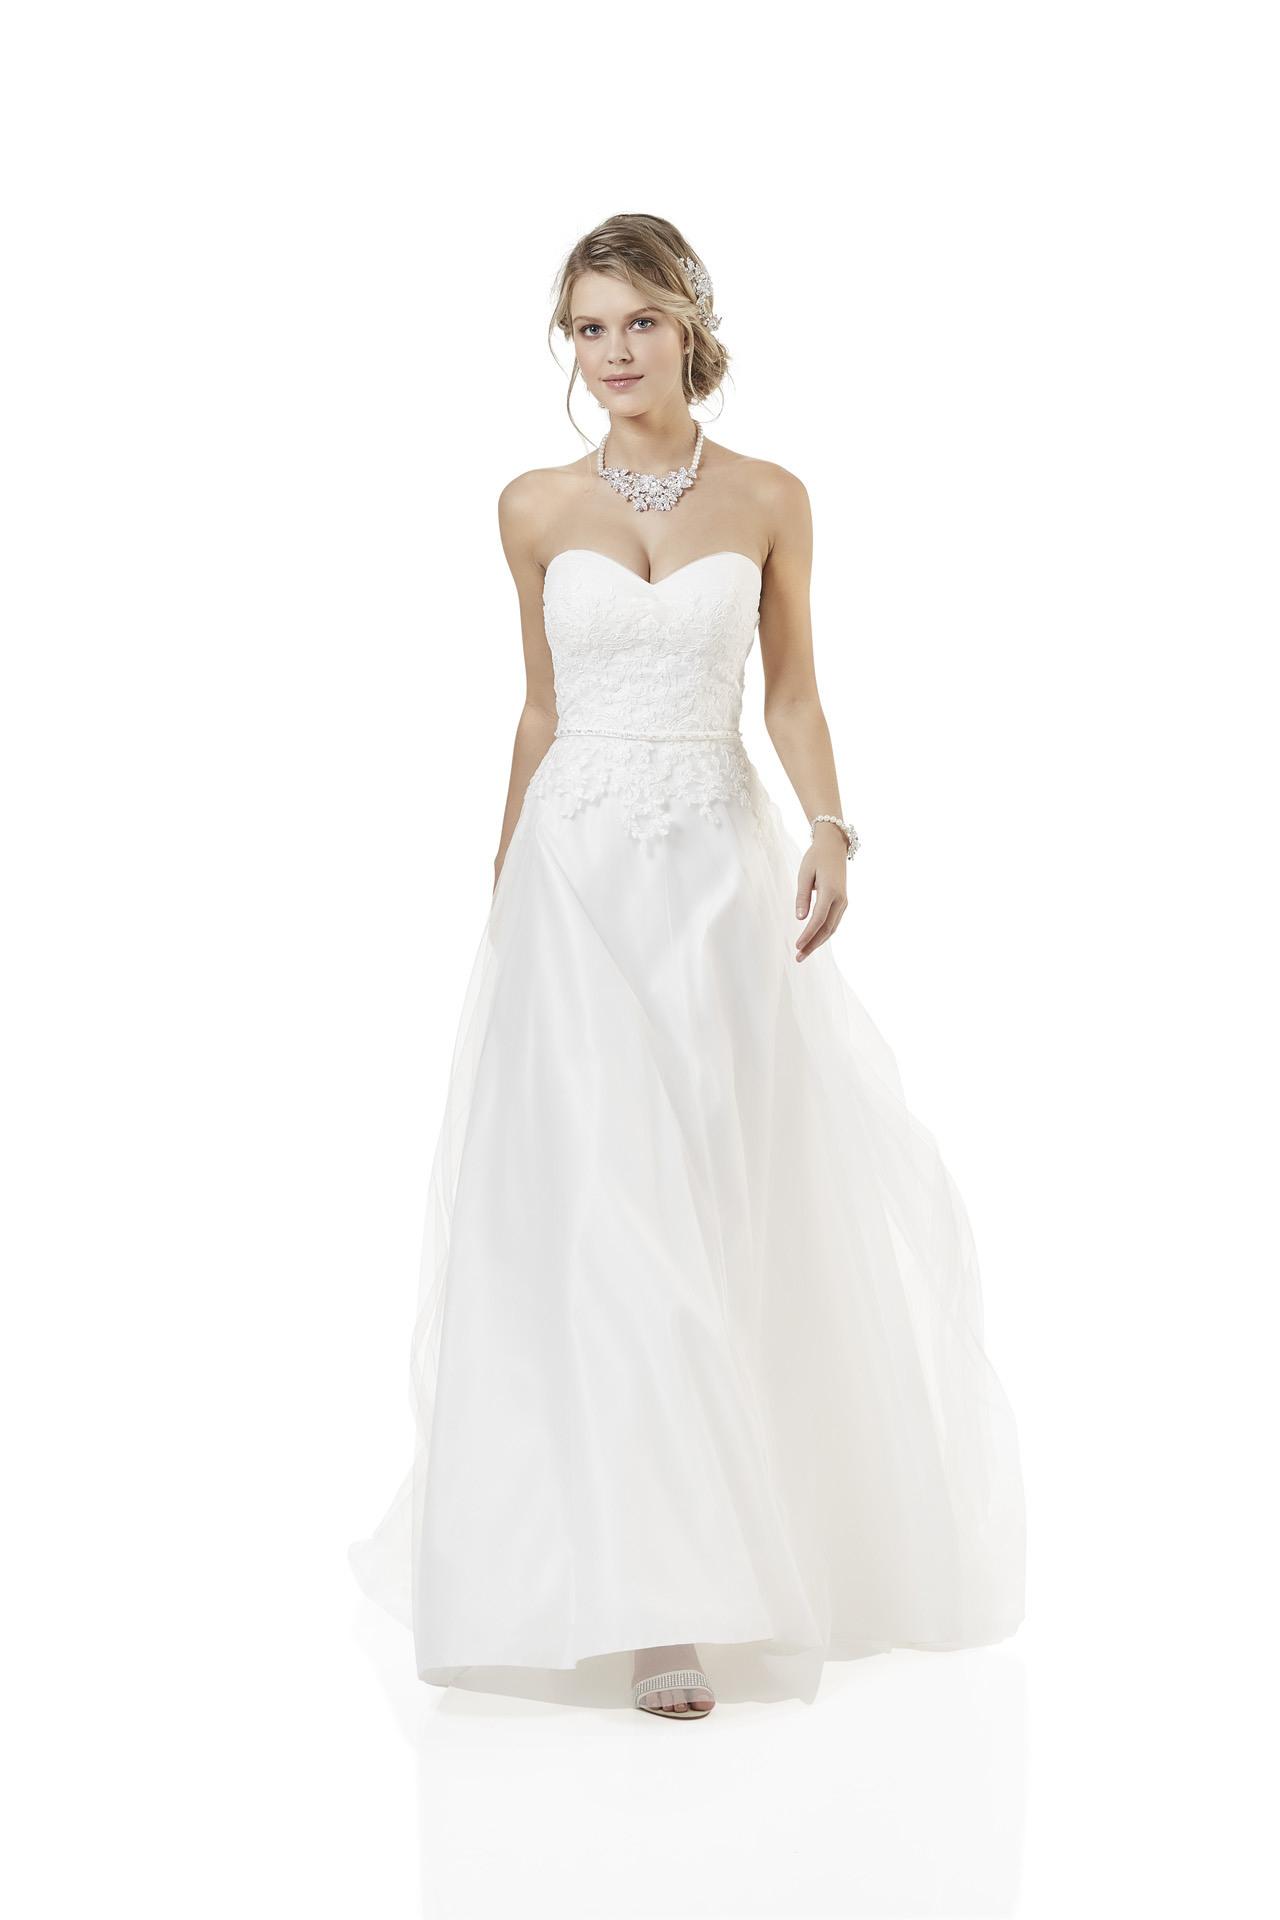 Formal Fantastisch Weise Brautkleider Bester PreisFormal Wunderbar Weise Brautkleider Bester Preis